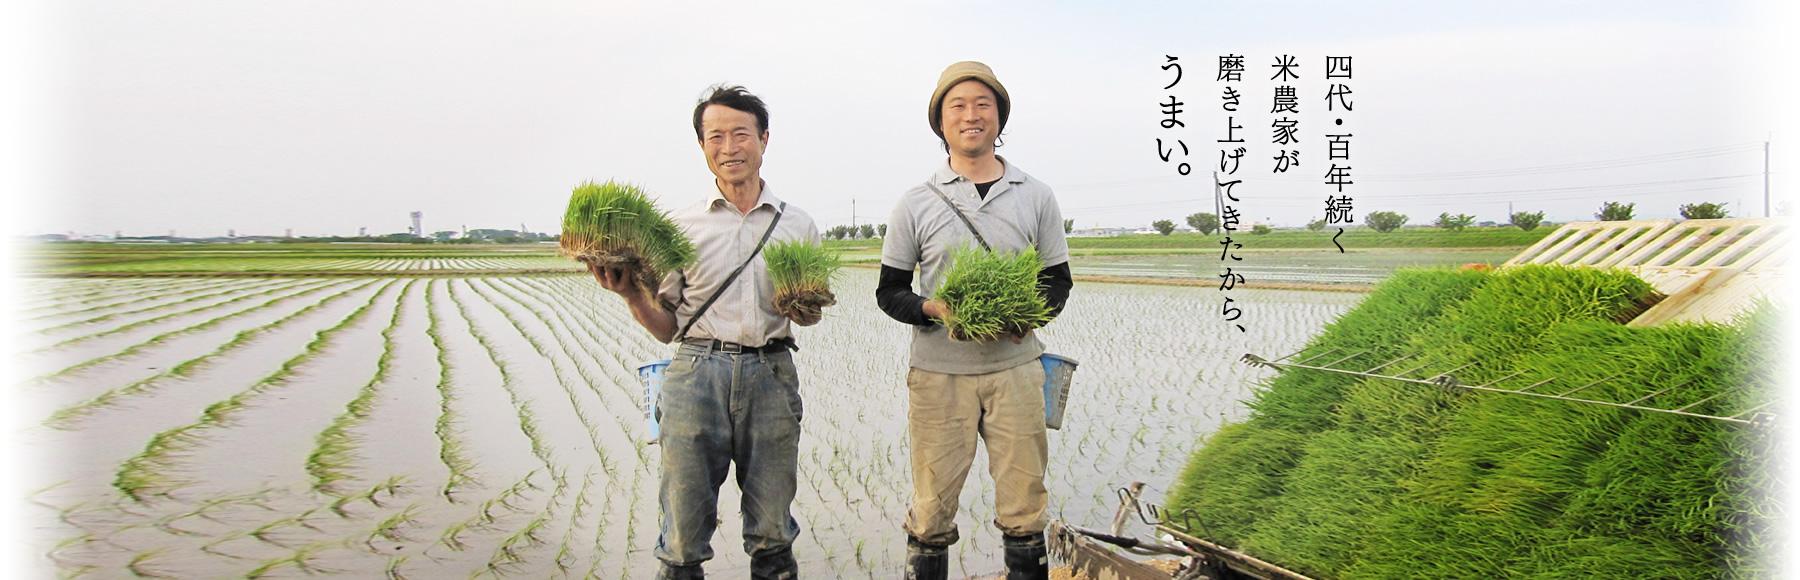 四代・百年続く米農家が磨き上げてきたから、うまい。